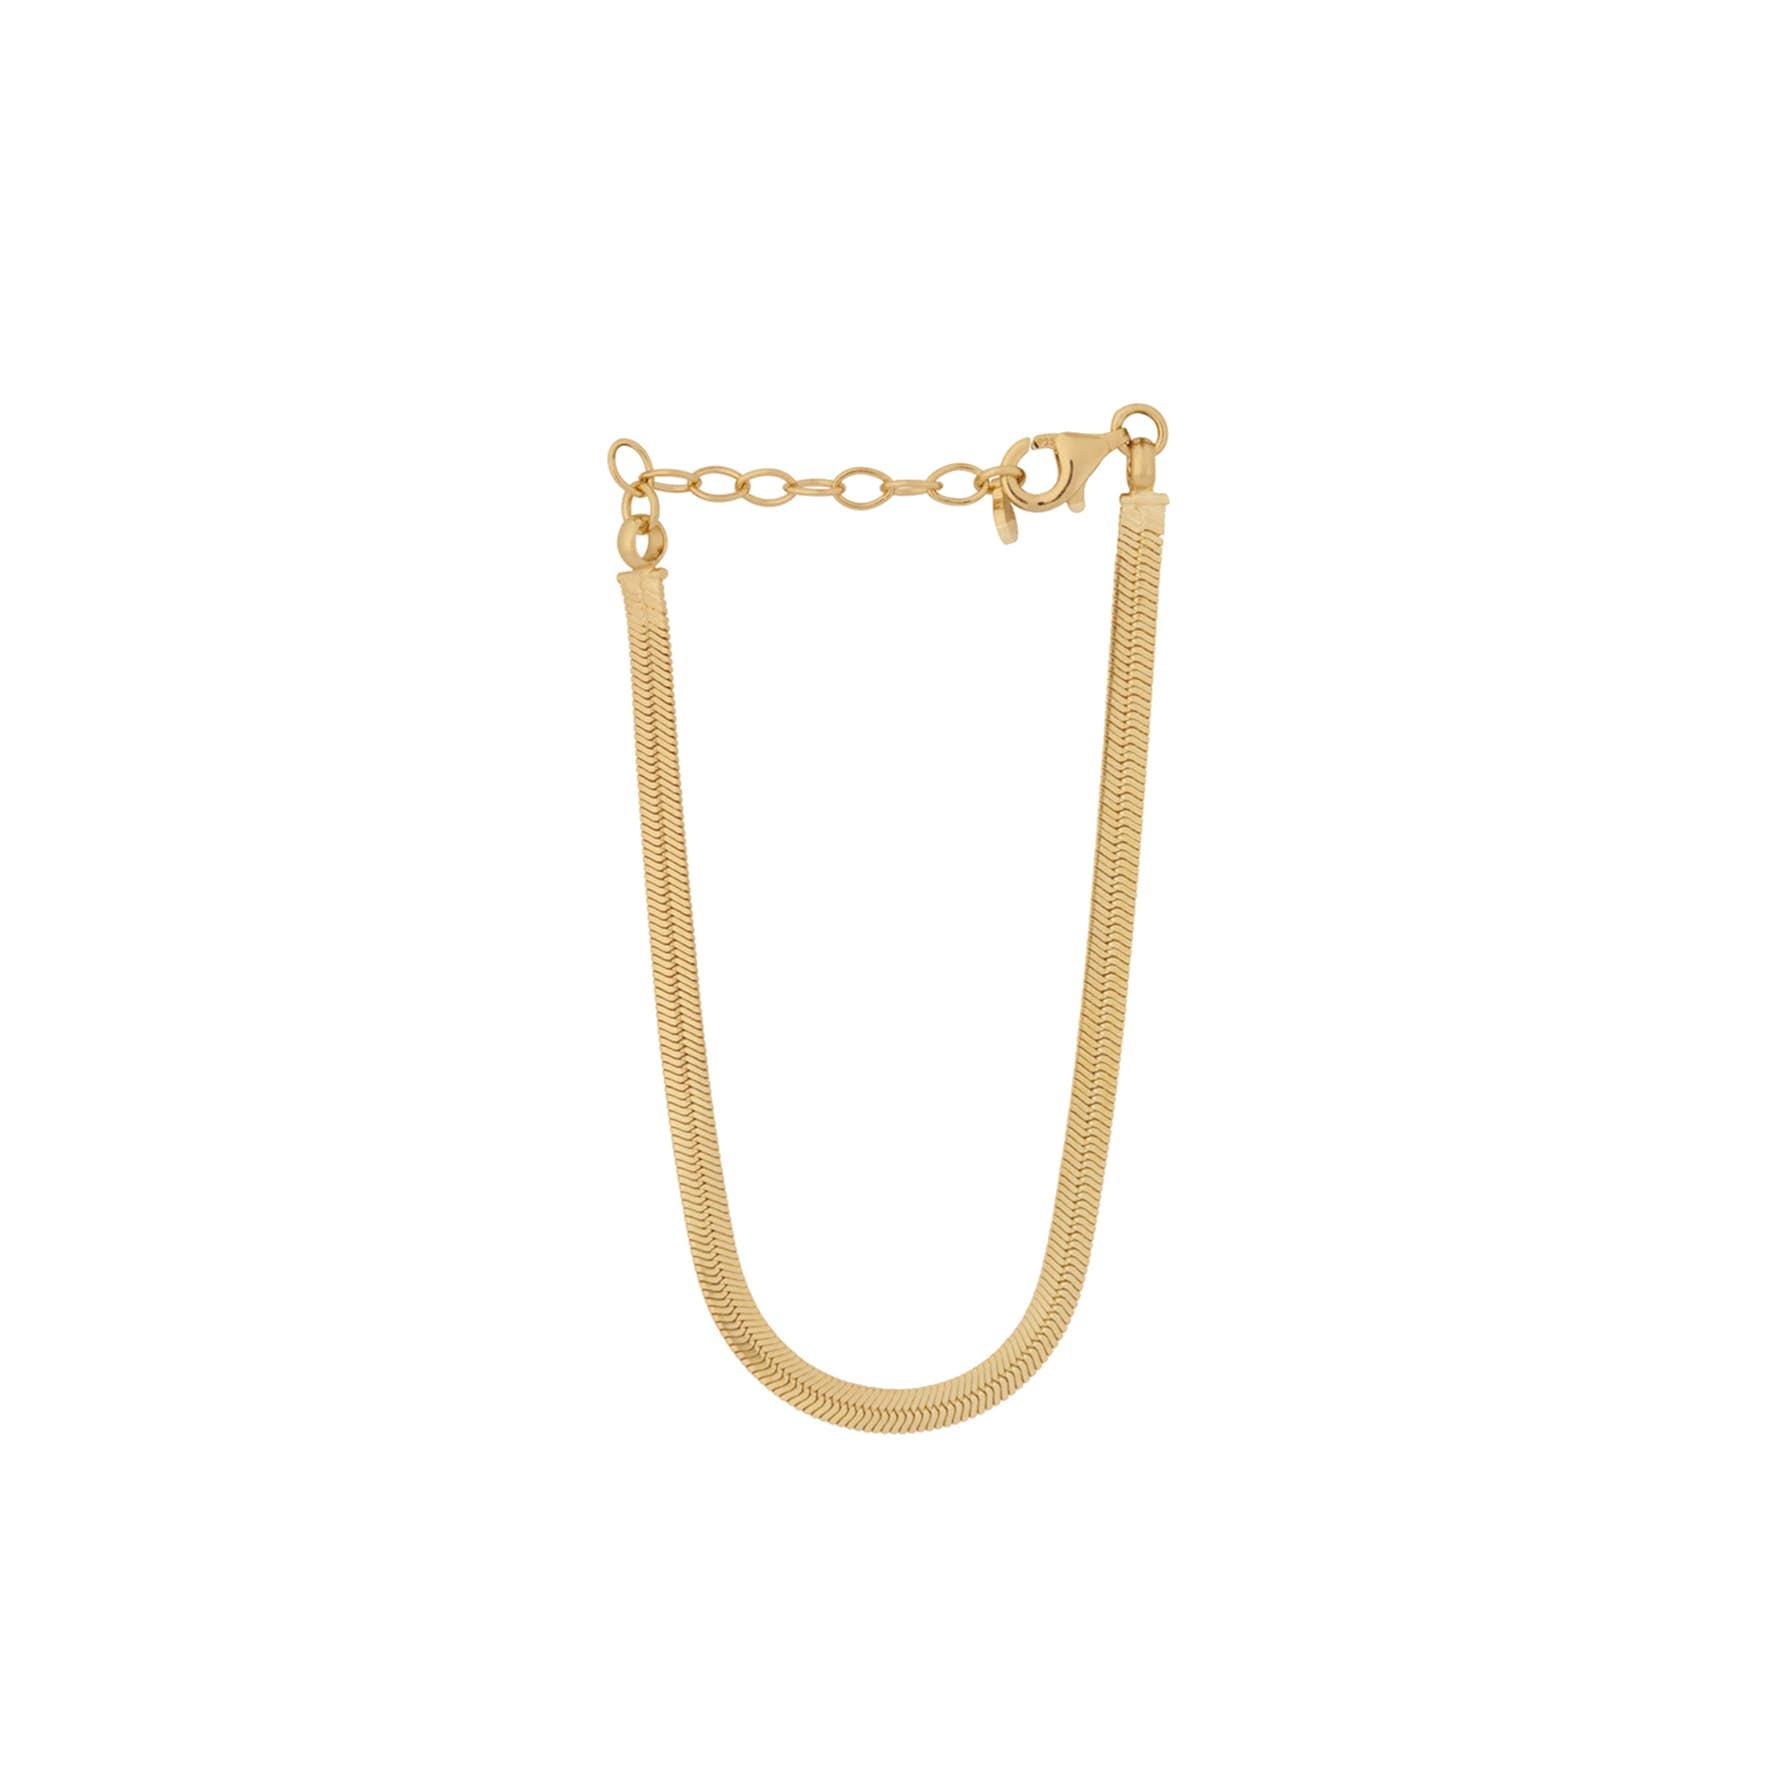 Thelma Bracelet von Pernille Corydon in Vergoldet-Silber Sterling 925